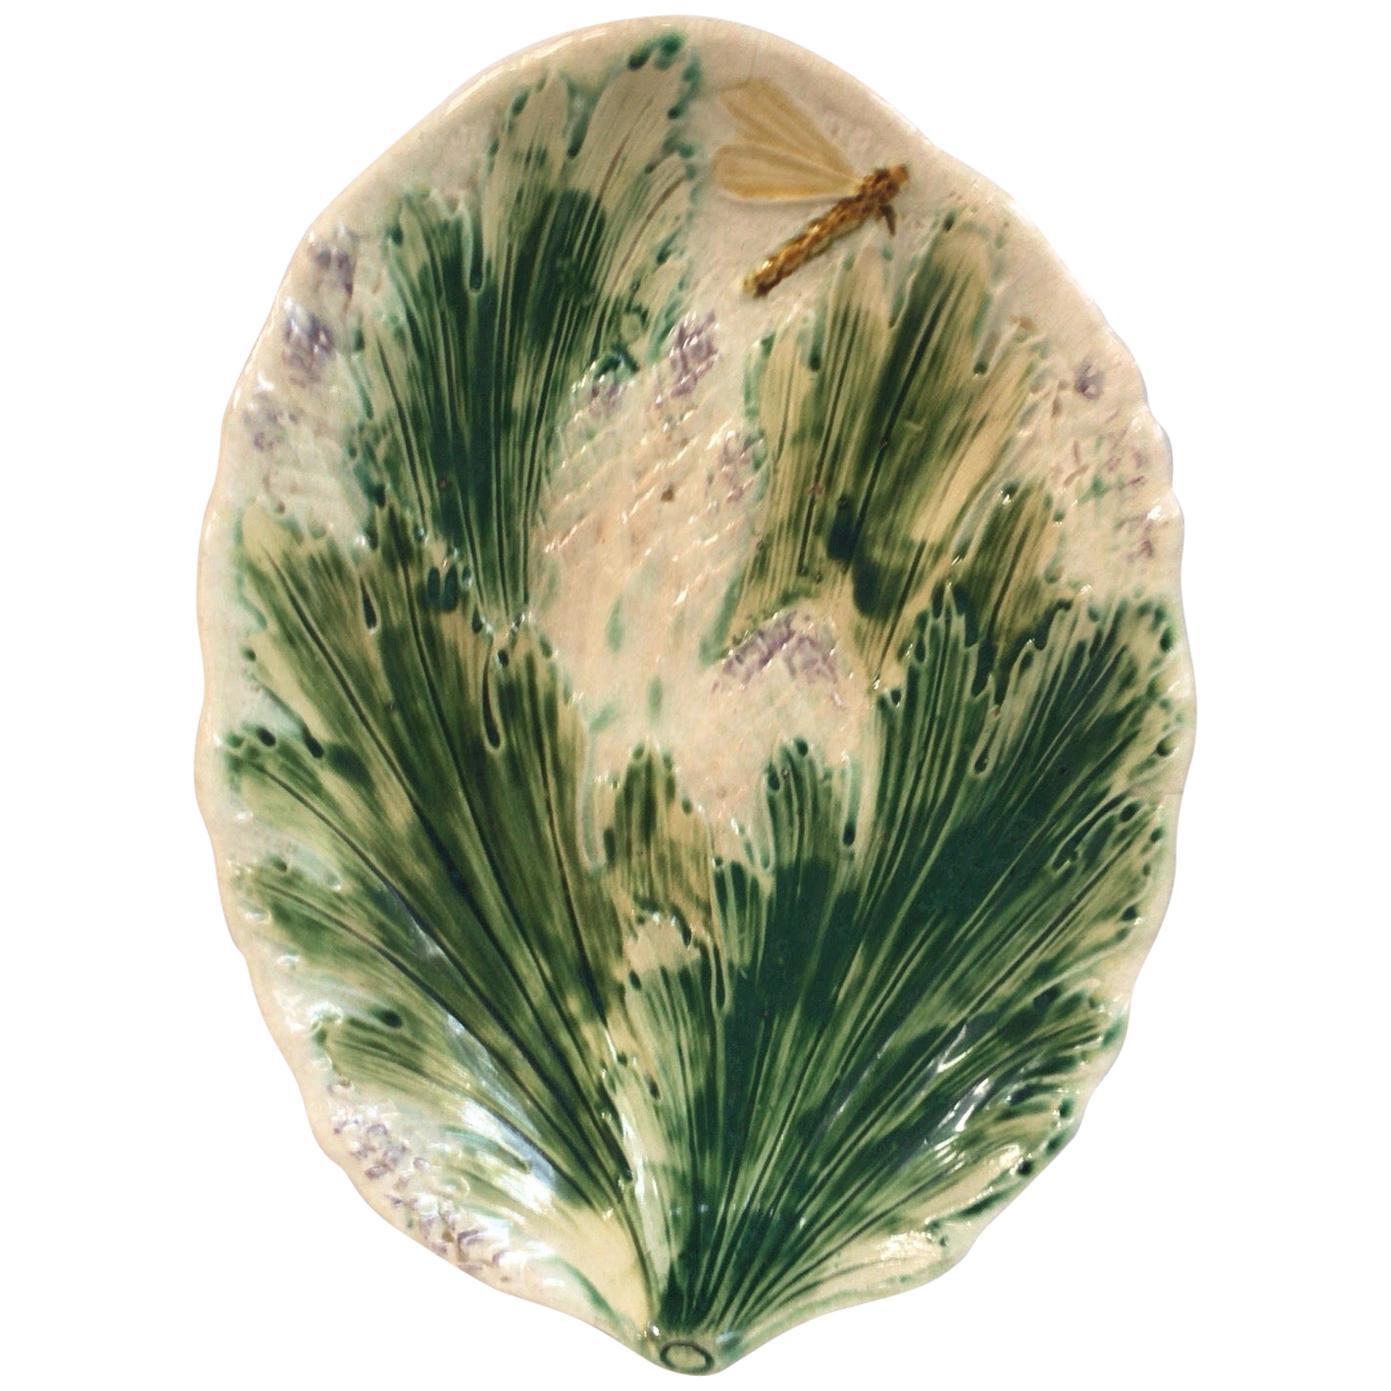 Rare French Majolica Asparagus Platter, circa 1880